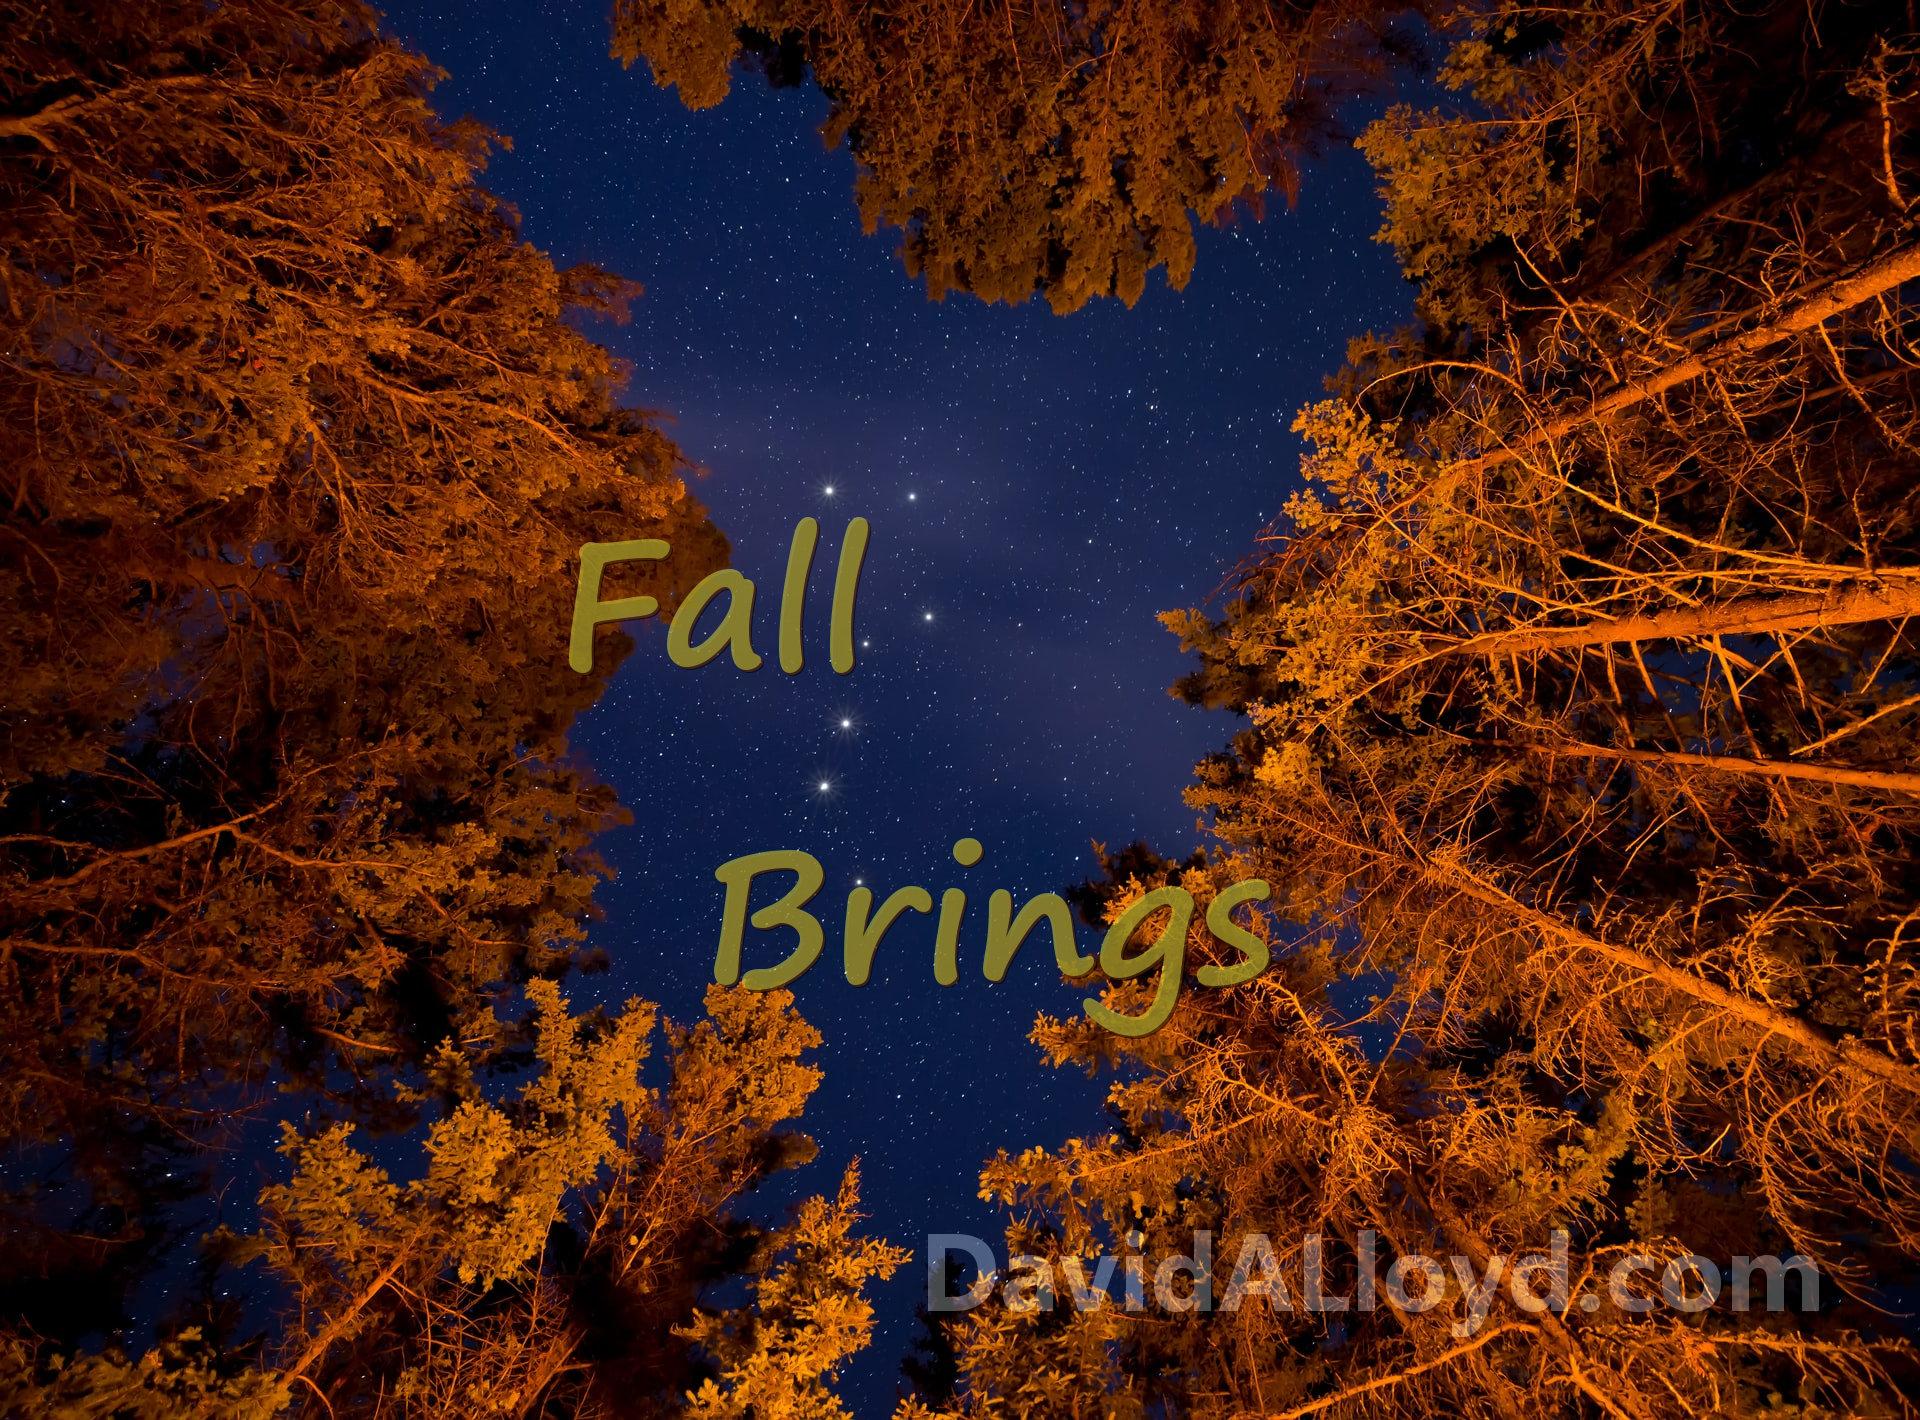 Fall Brings